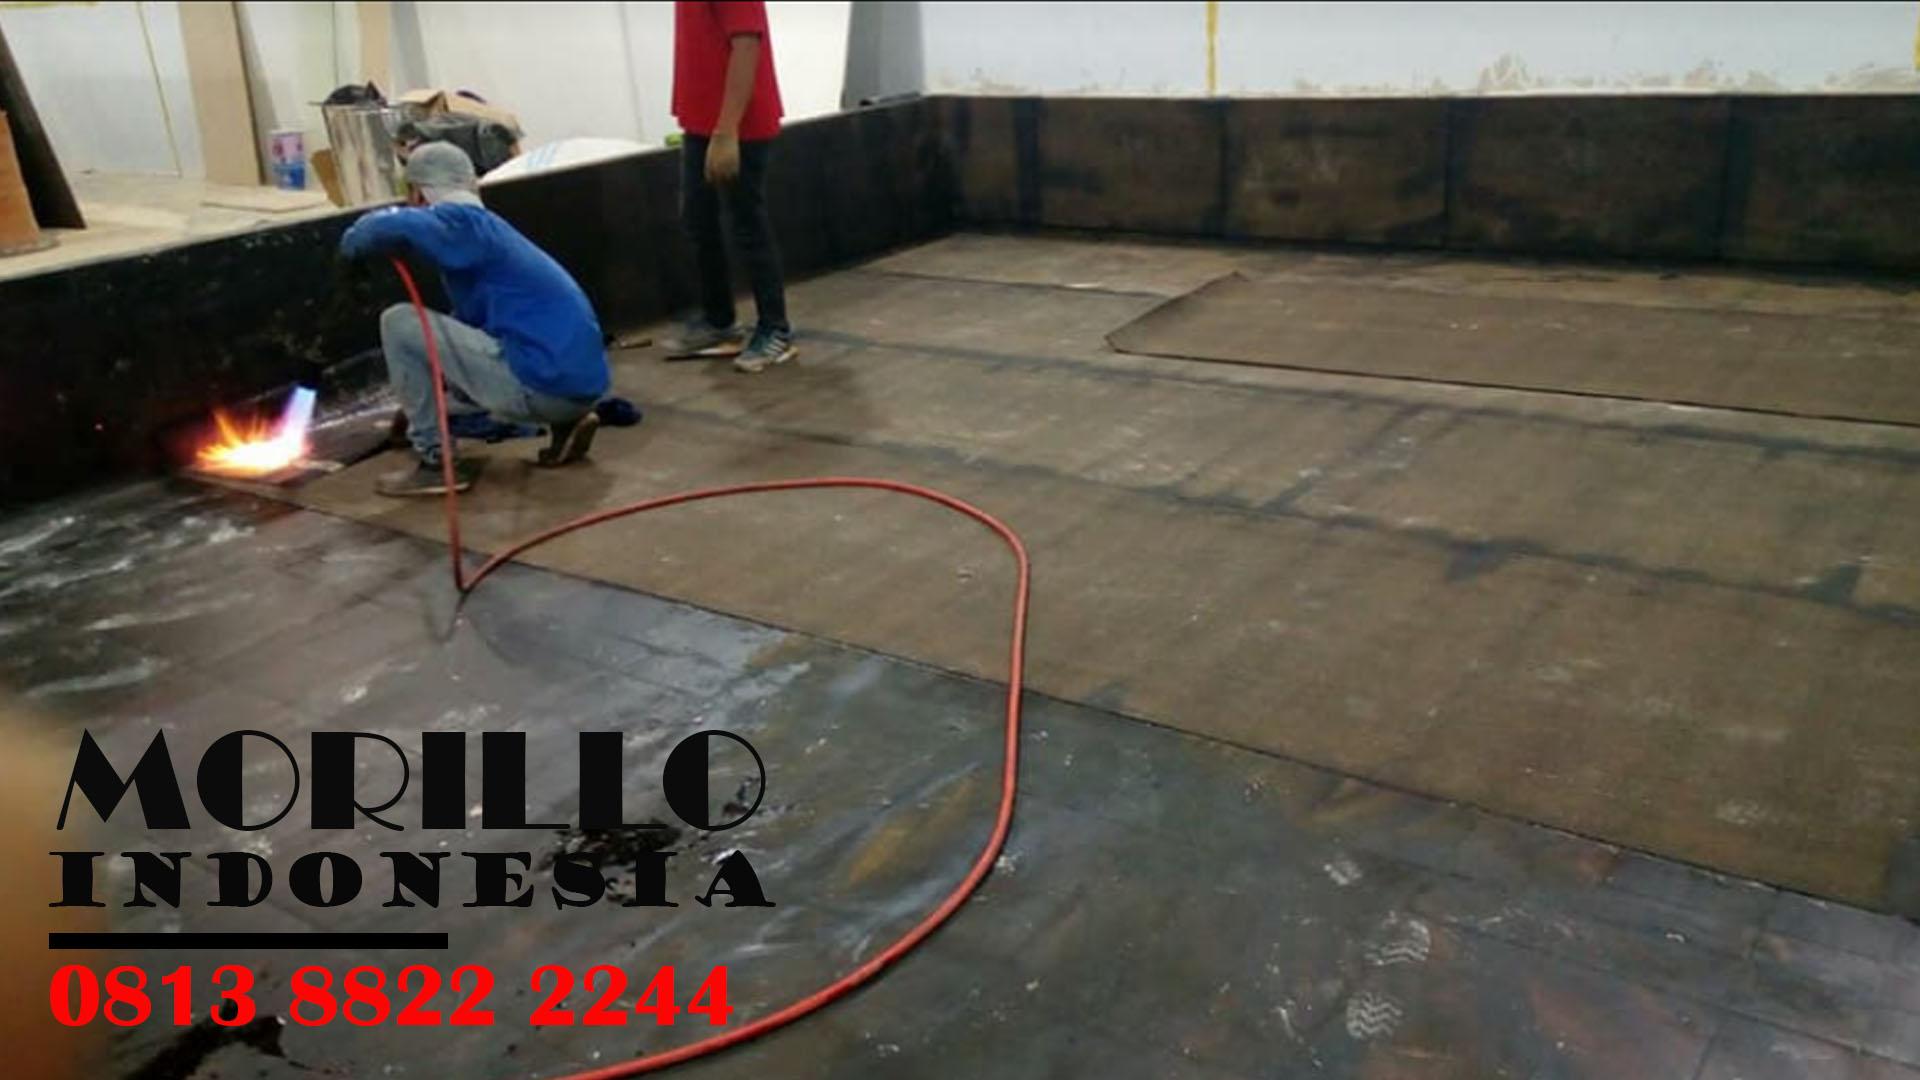 MEMBRAN BAKAR WATERPROOFING ASPAL di PAPUA HUBUNGI : 0813 8822 2244